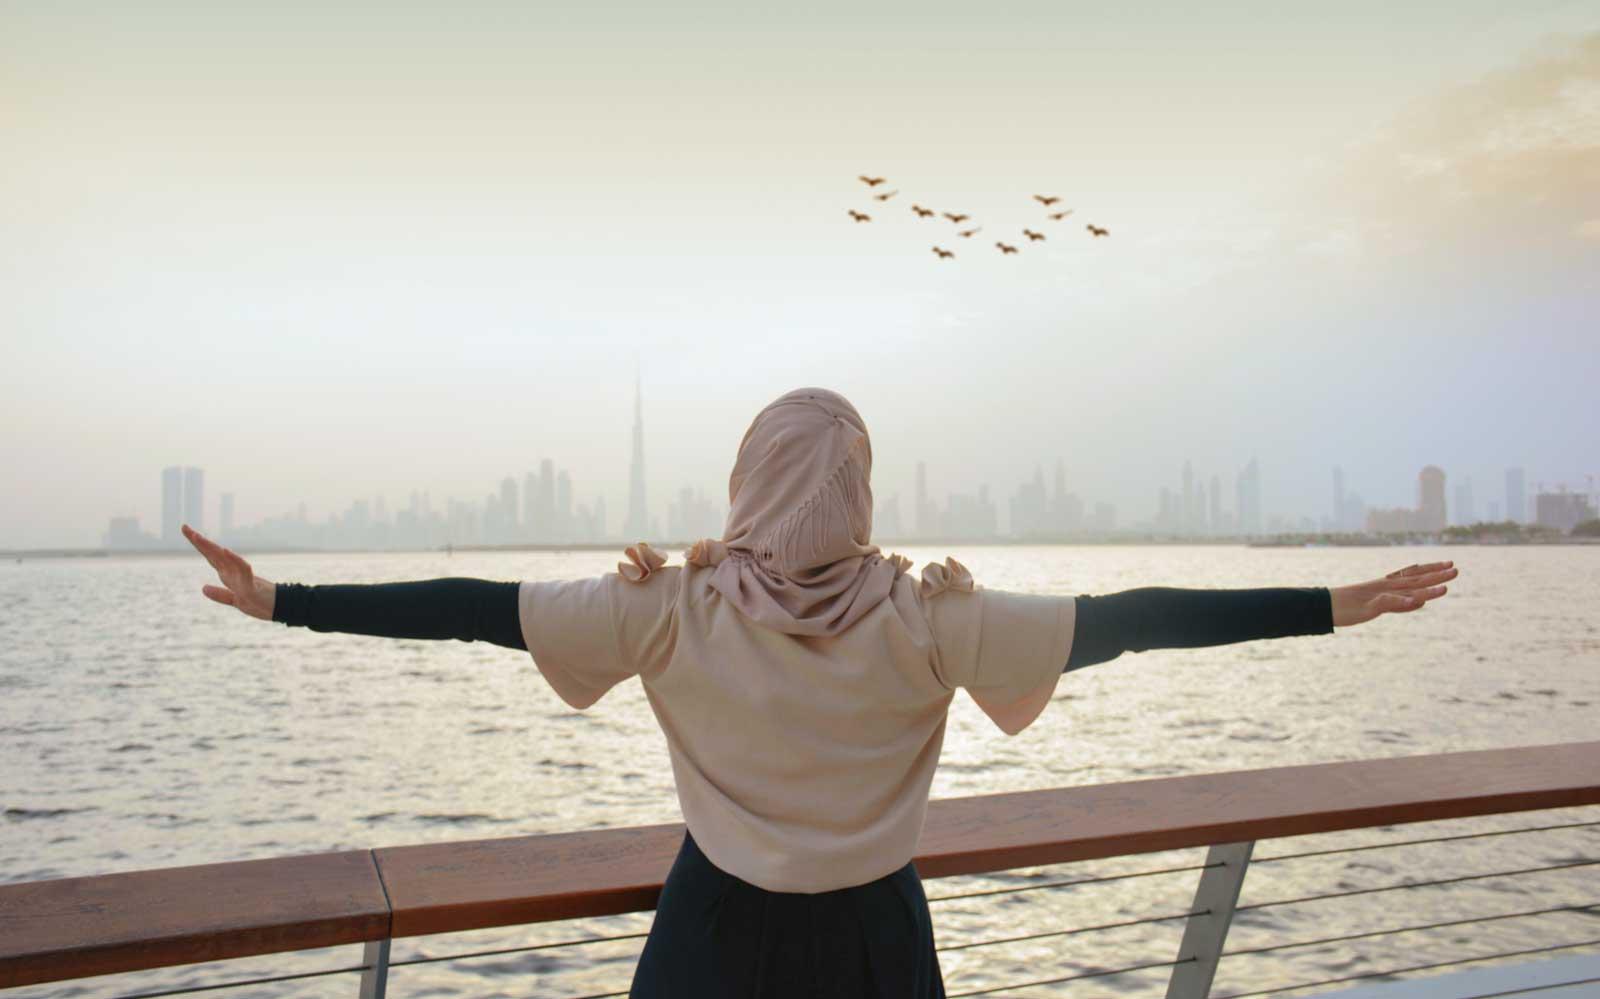 Es importante después de Ramadán mantener la intención de continuar con las buenas acciones, aunque estas sean menos, que sean constantes